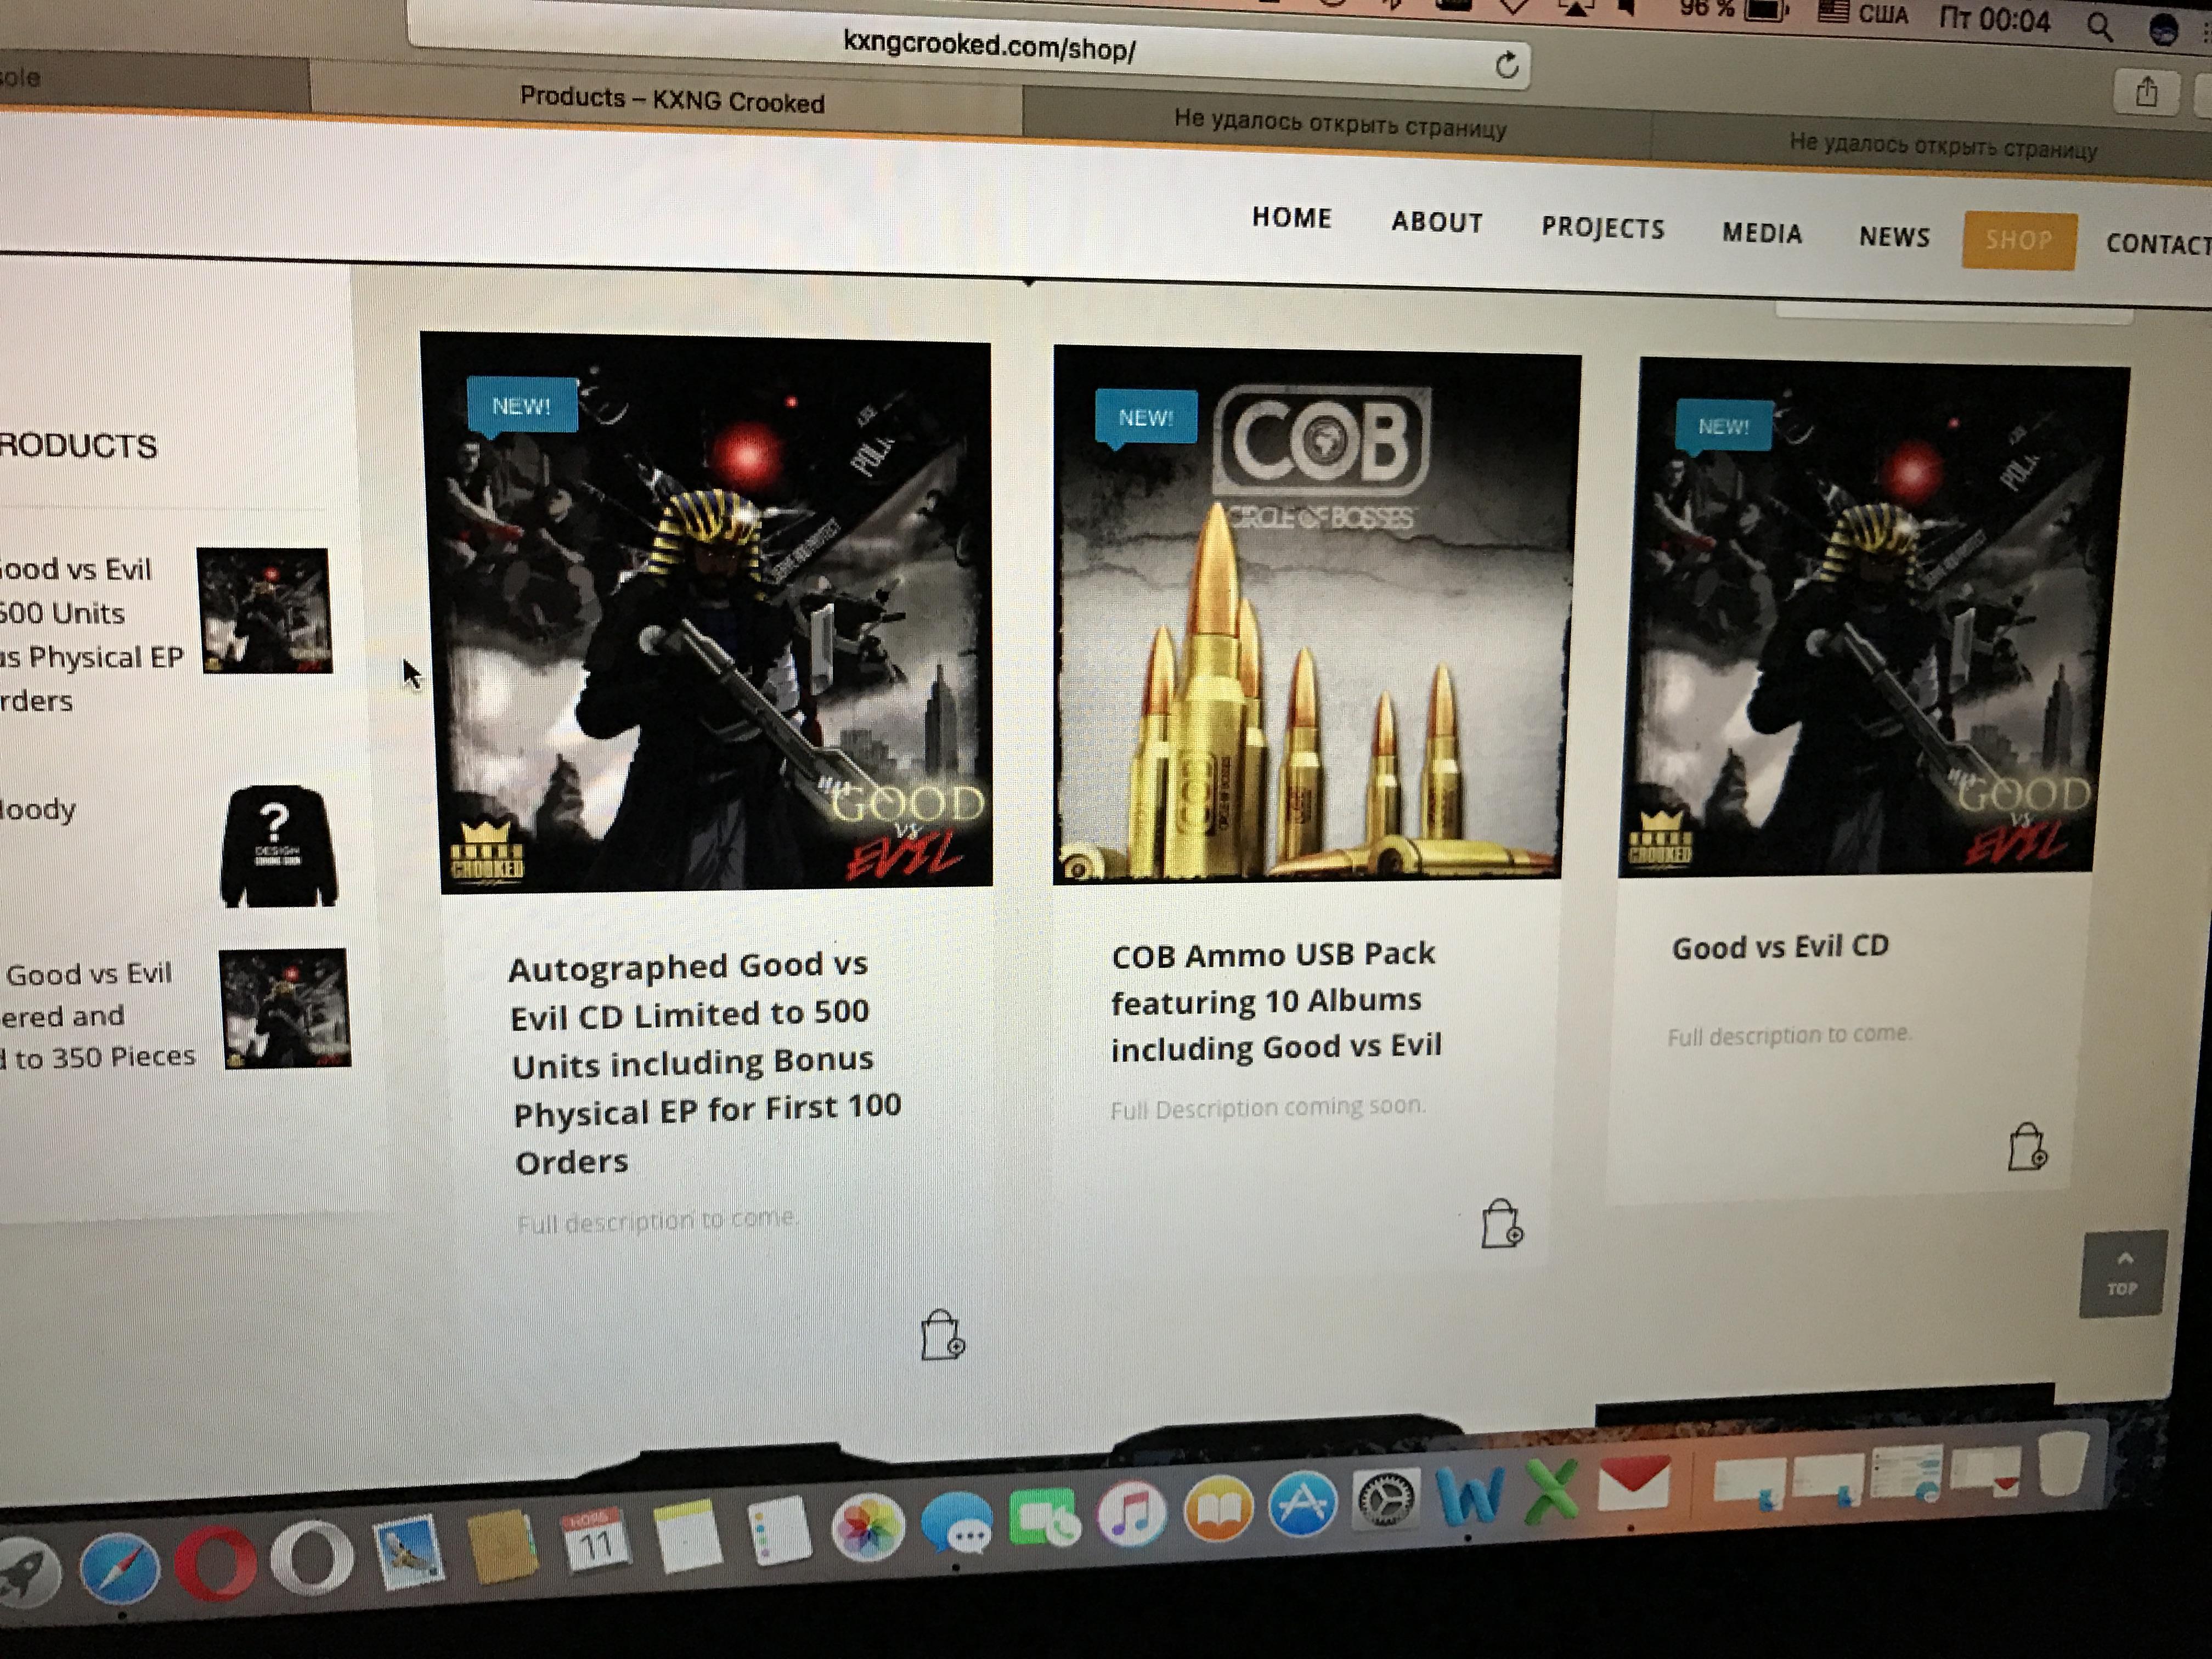 COB Ammo USB 10 Round Ammo Pack. Включает deluxe-версию альбома «Good Vs Evil» + 9 других проектов от KXNG Crooked. Всё это добро поставляется на флеш-накопителе в виде пули с логотипом COB. Стоит этот комплект всего $39,99 + доставка. Выпущено 200 коплектов. Отгрузка 18 декабря.